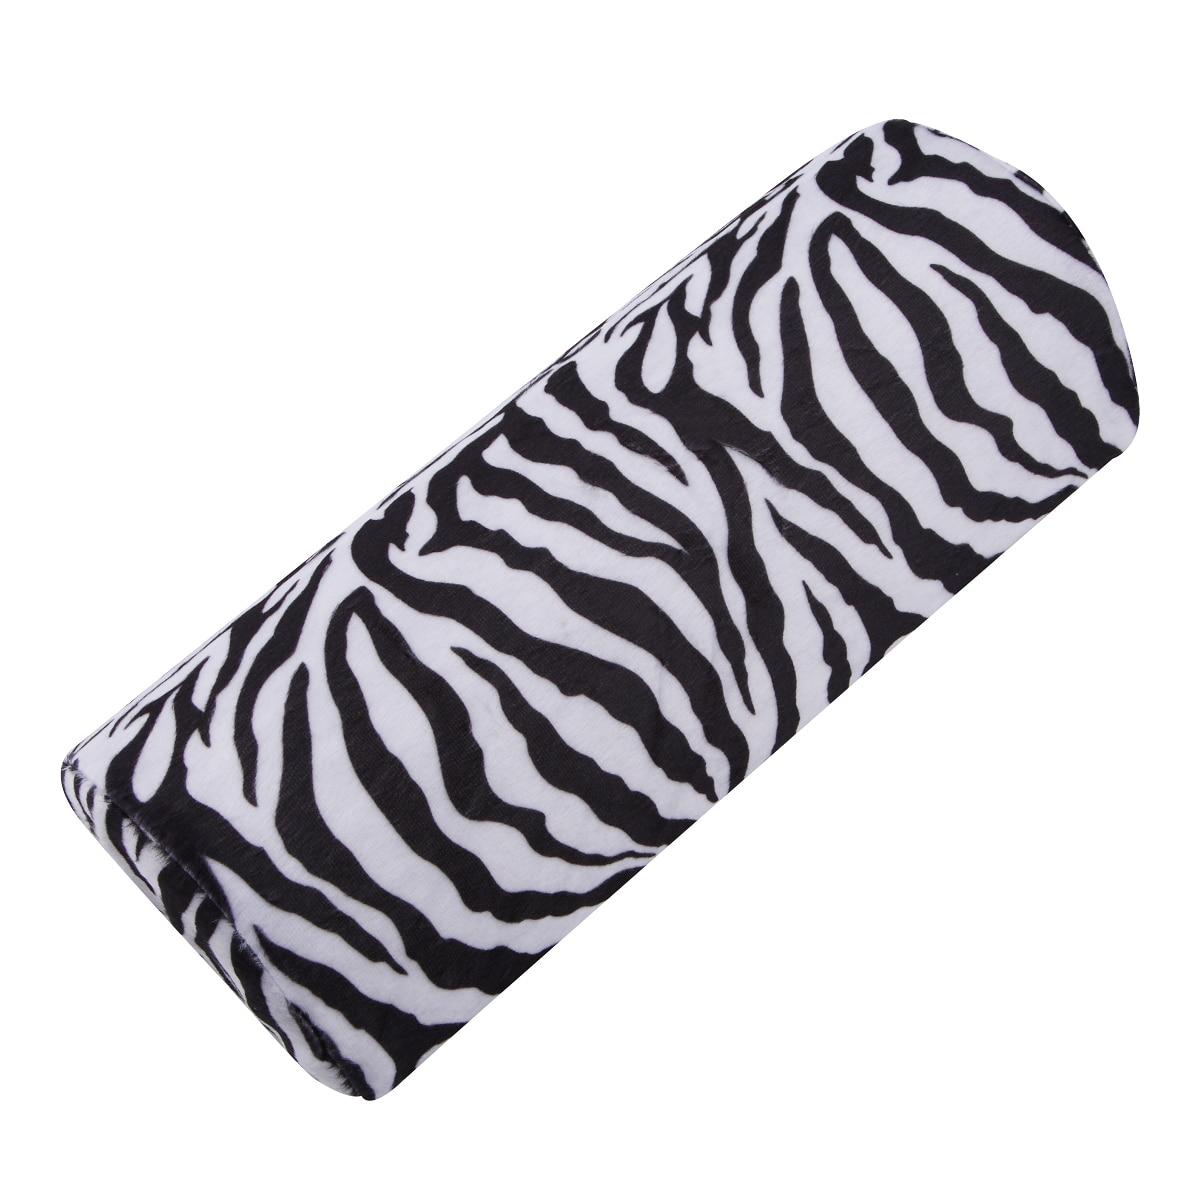 Nail Art Zebra Stripes: Nail Art Half Column Zebra Stripe Design Soft Sponge Hand